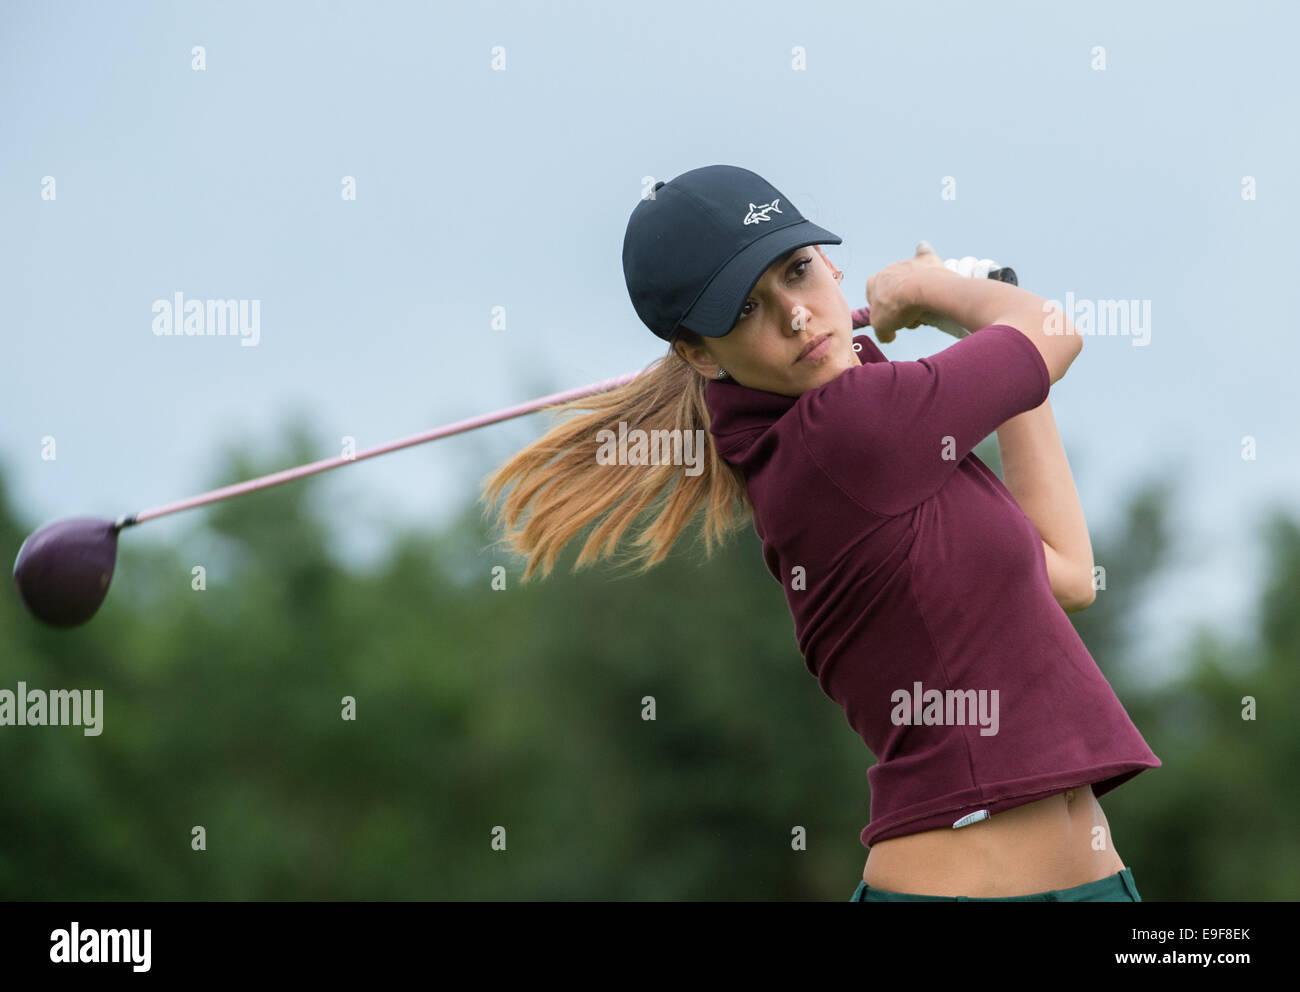 Haikou, Cina. 26 ott 2014. La stella di Hollywood Jessica Alba mette su una buona partita di golf con il suo allenatore Immagini Stock